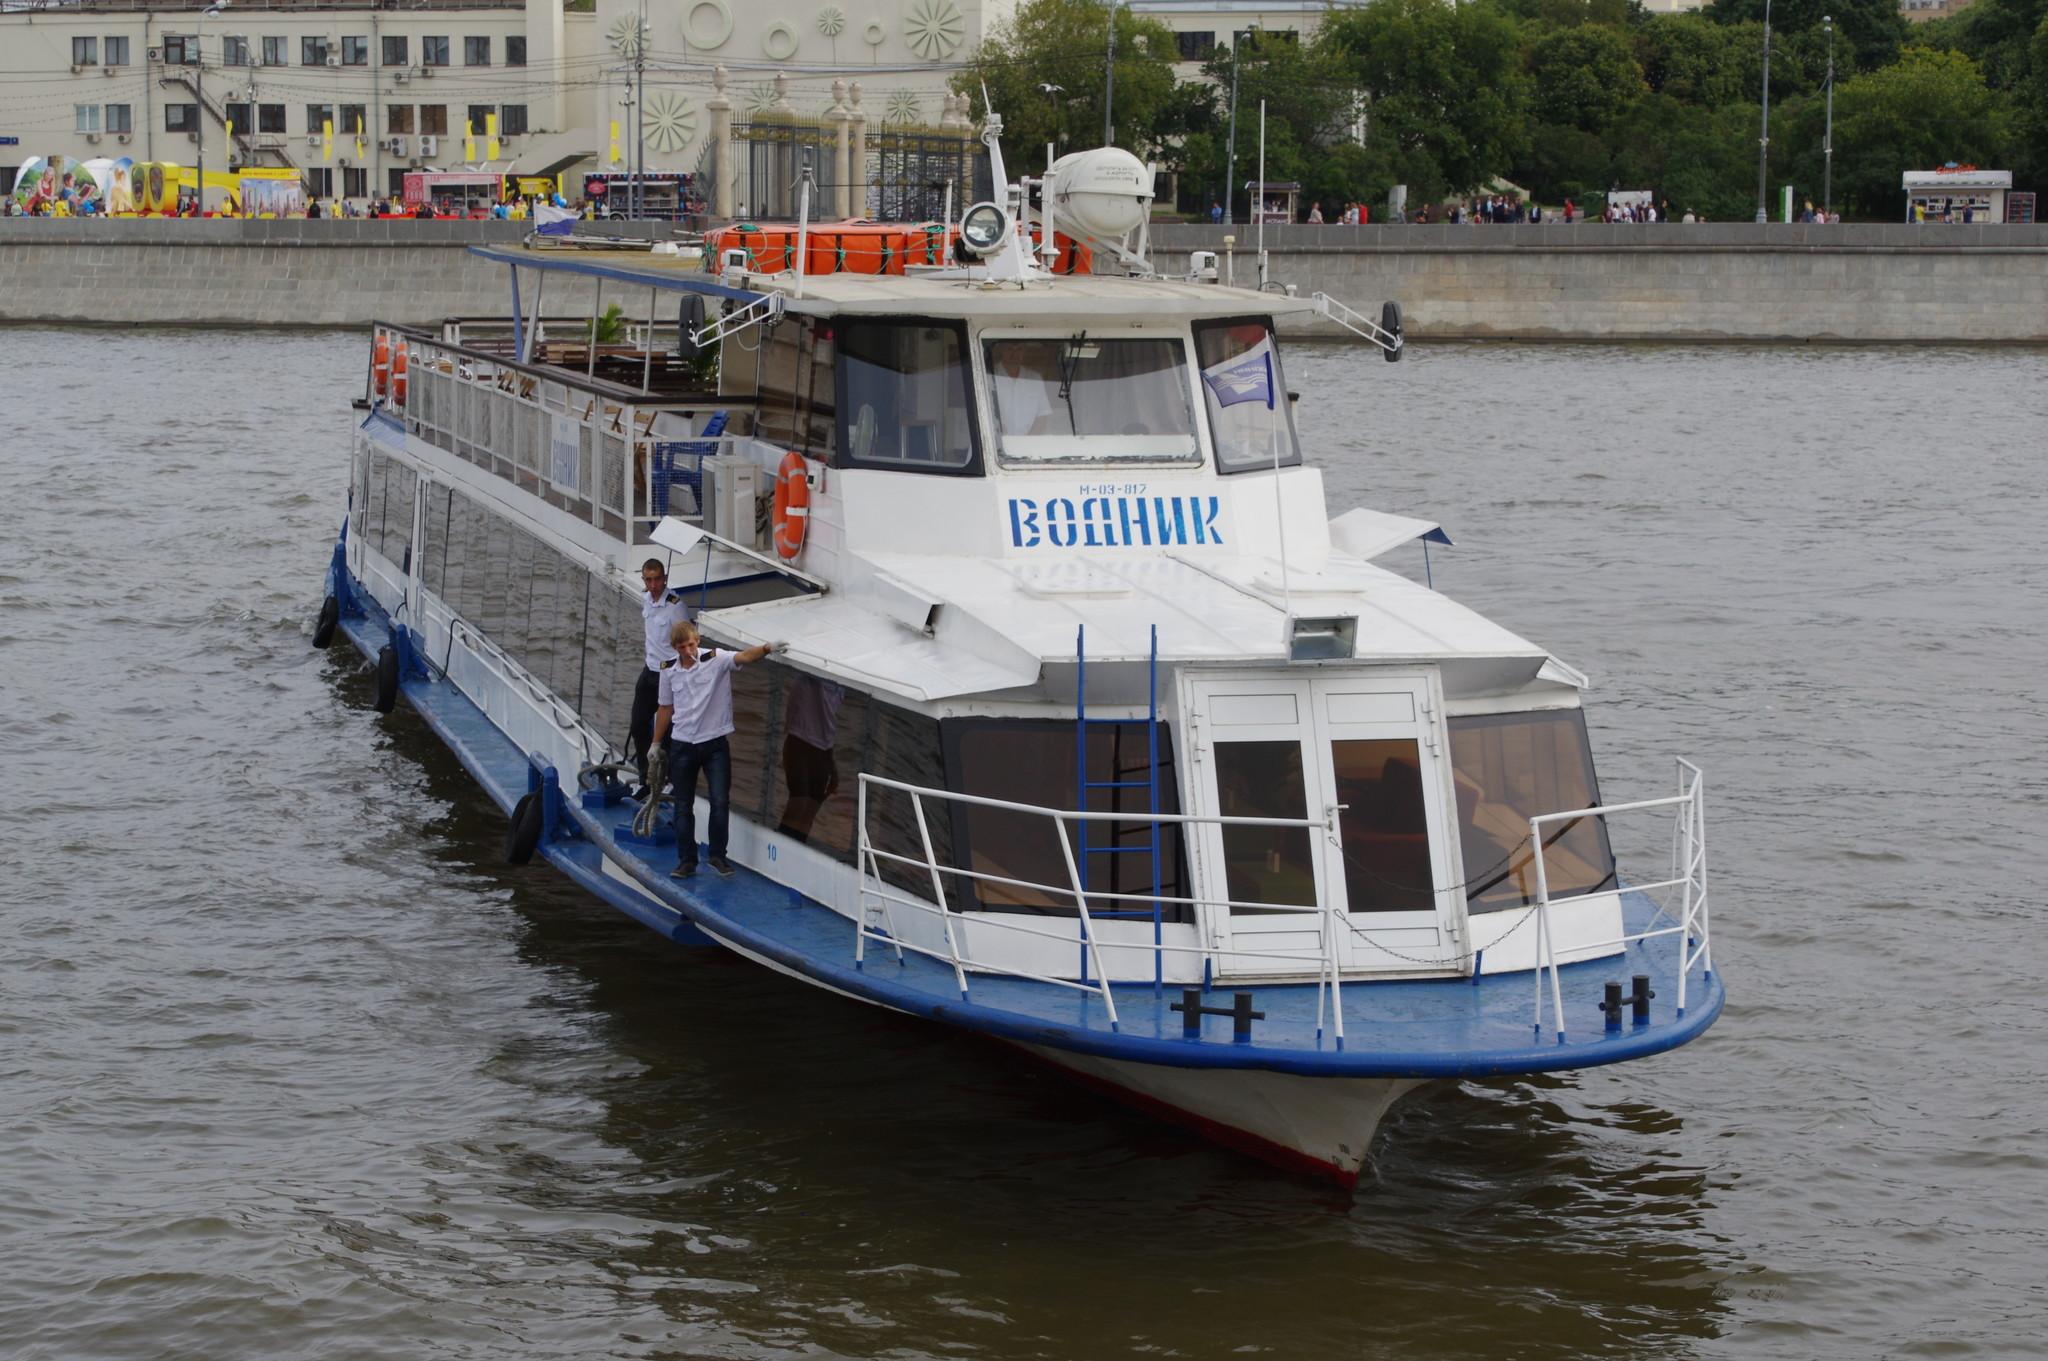 Двухпалубный пассажирский речной теплоход «Водник» (Проект Р-51Э, тип «Москва») на Москве-реке